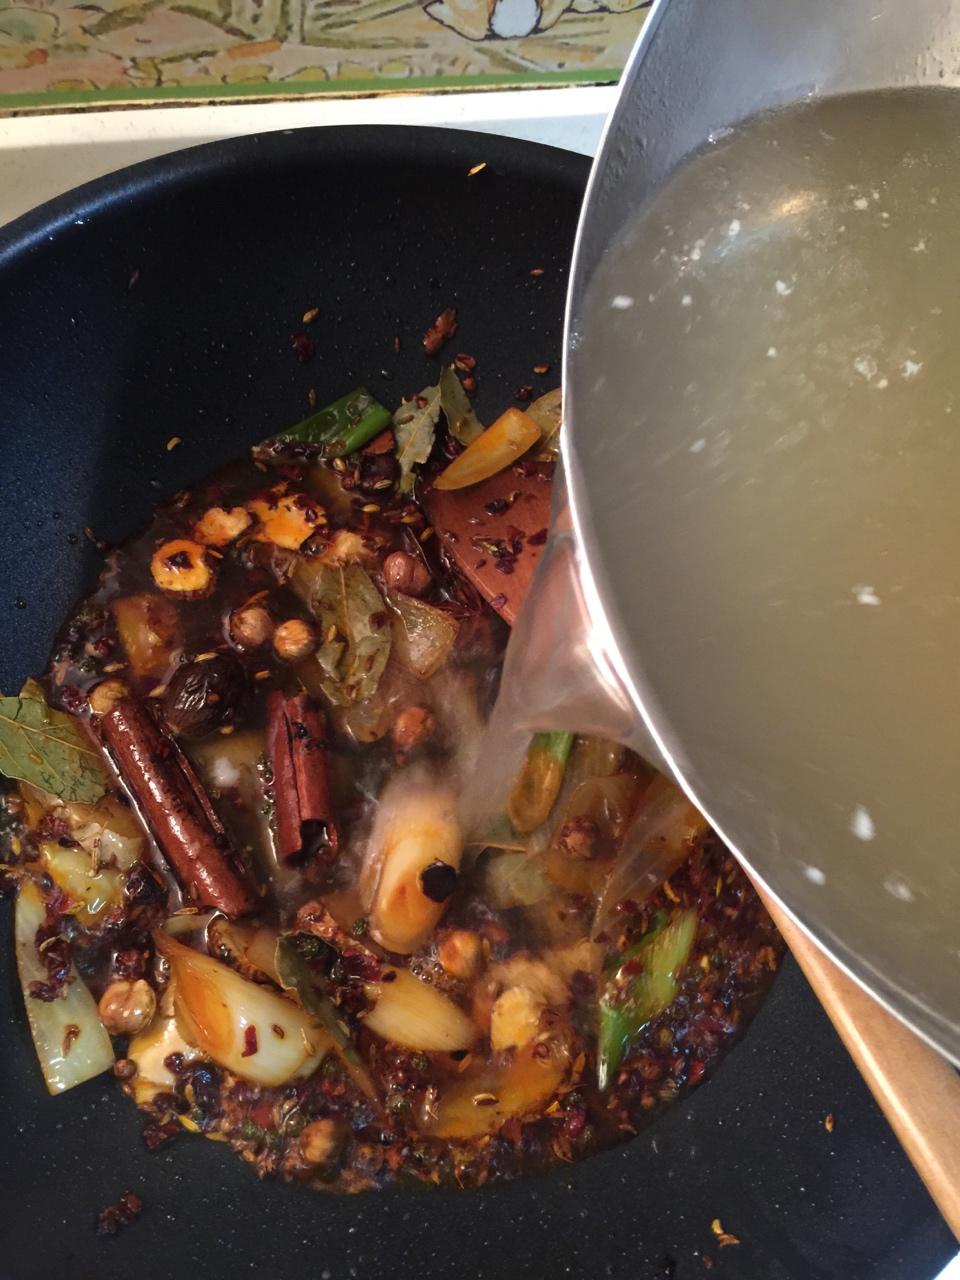 堂妈教你做红汤羊蝎子火锅的做法 步骤17